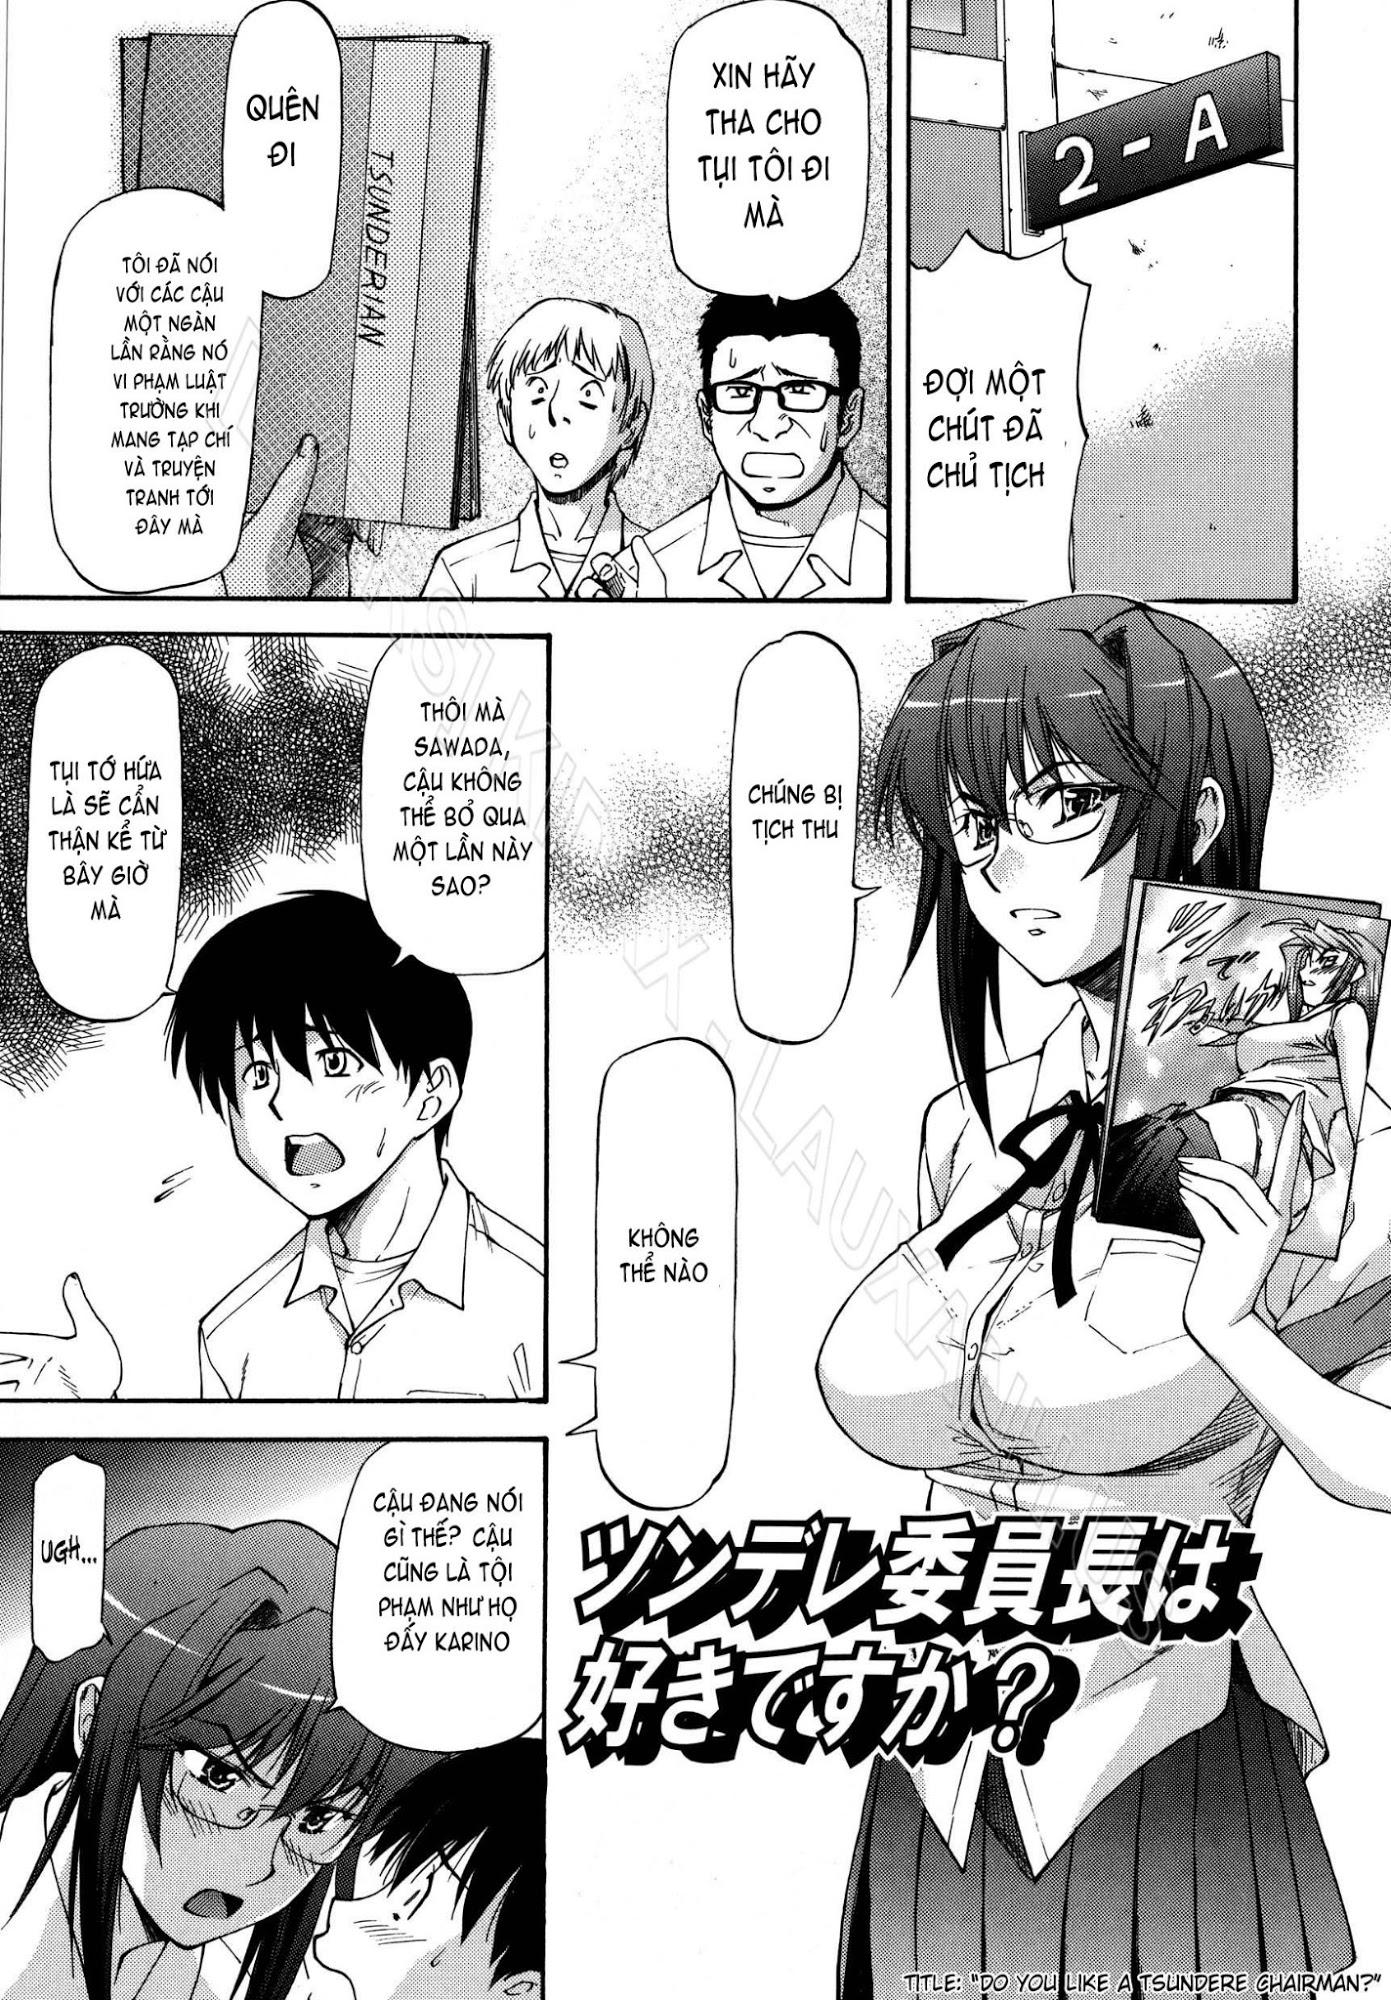 Hình ảnh Hinh_000 in Truyện tranh hentai không che: Parabellum